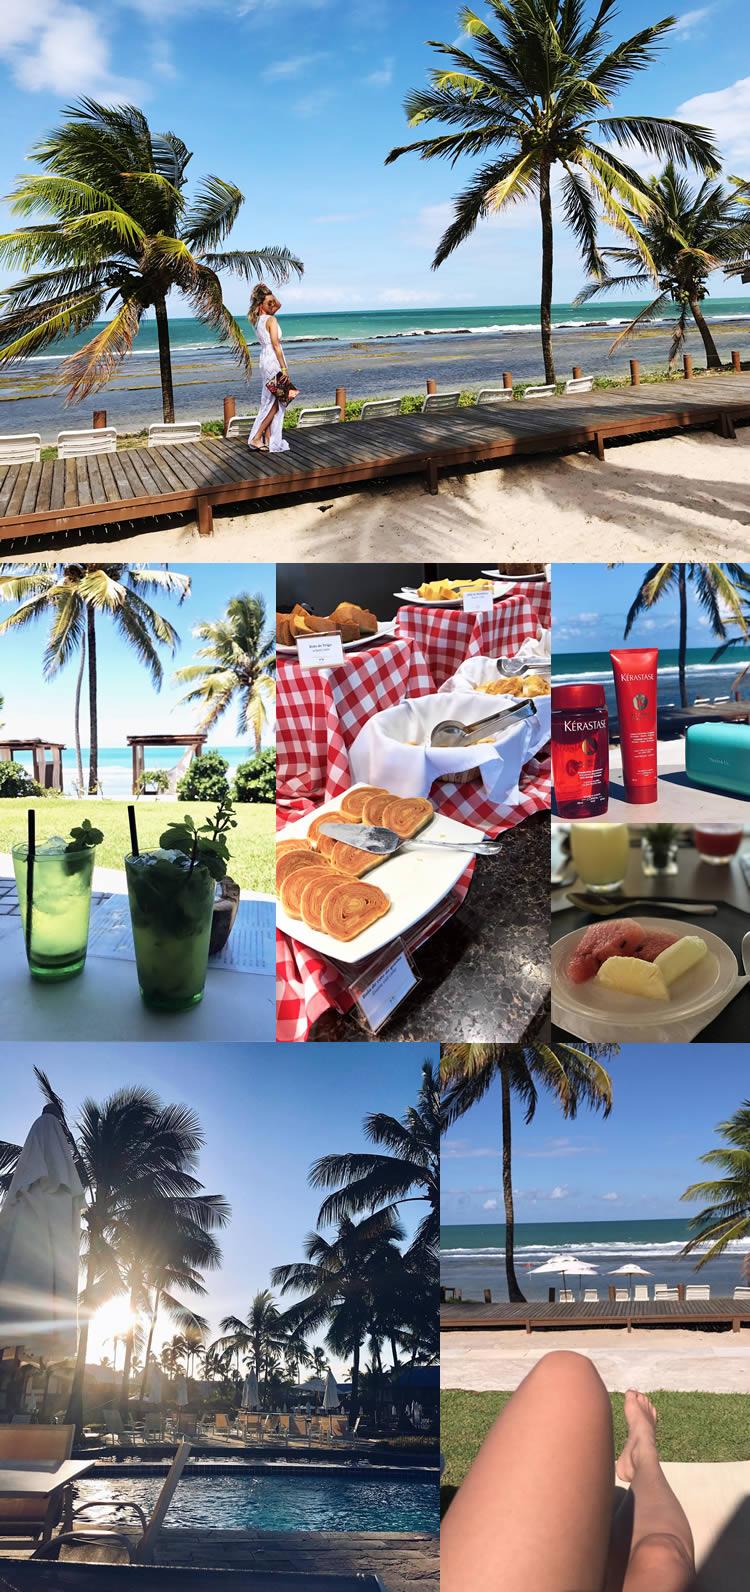 o-que-fazer-em-porto-de-galinhas-e-onde-ficar-summerville-resort-agencia-honeymoon-viagens-dia-2